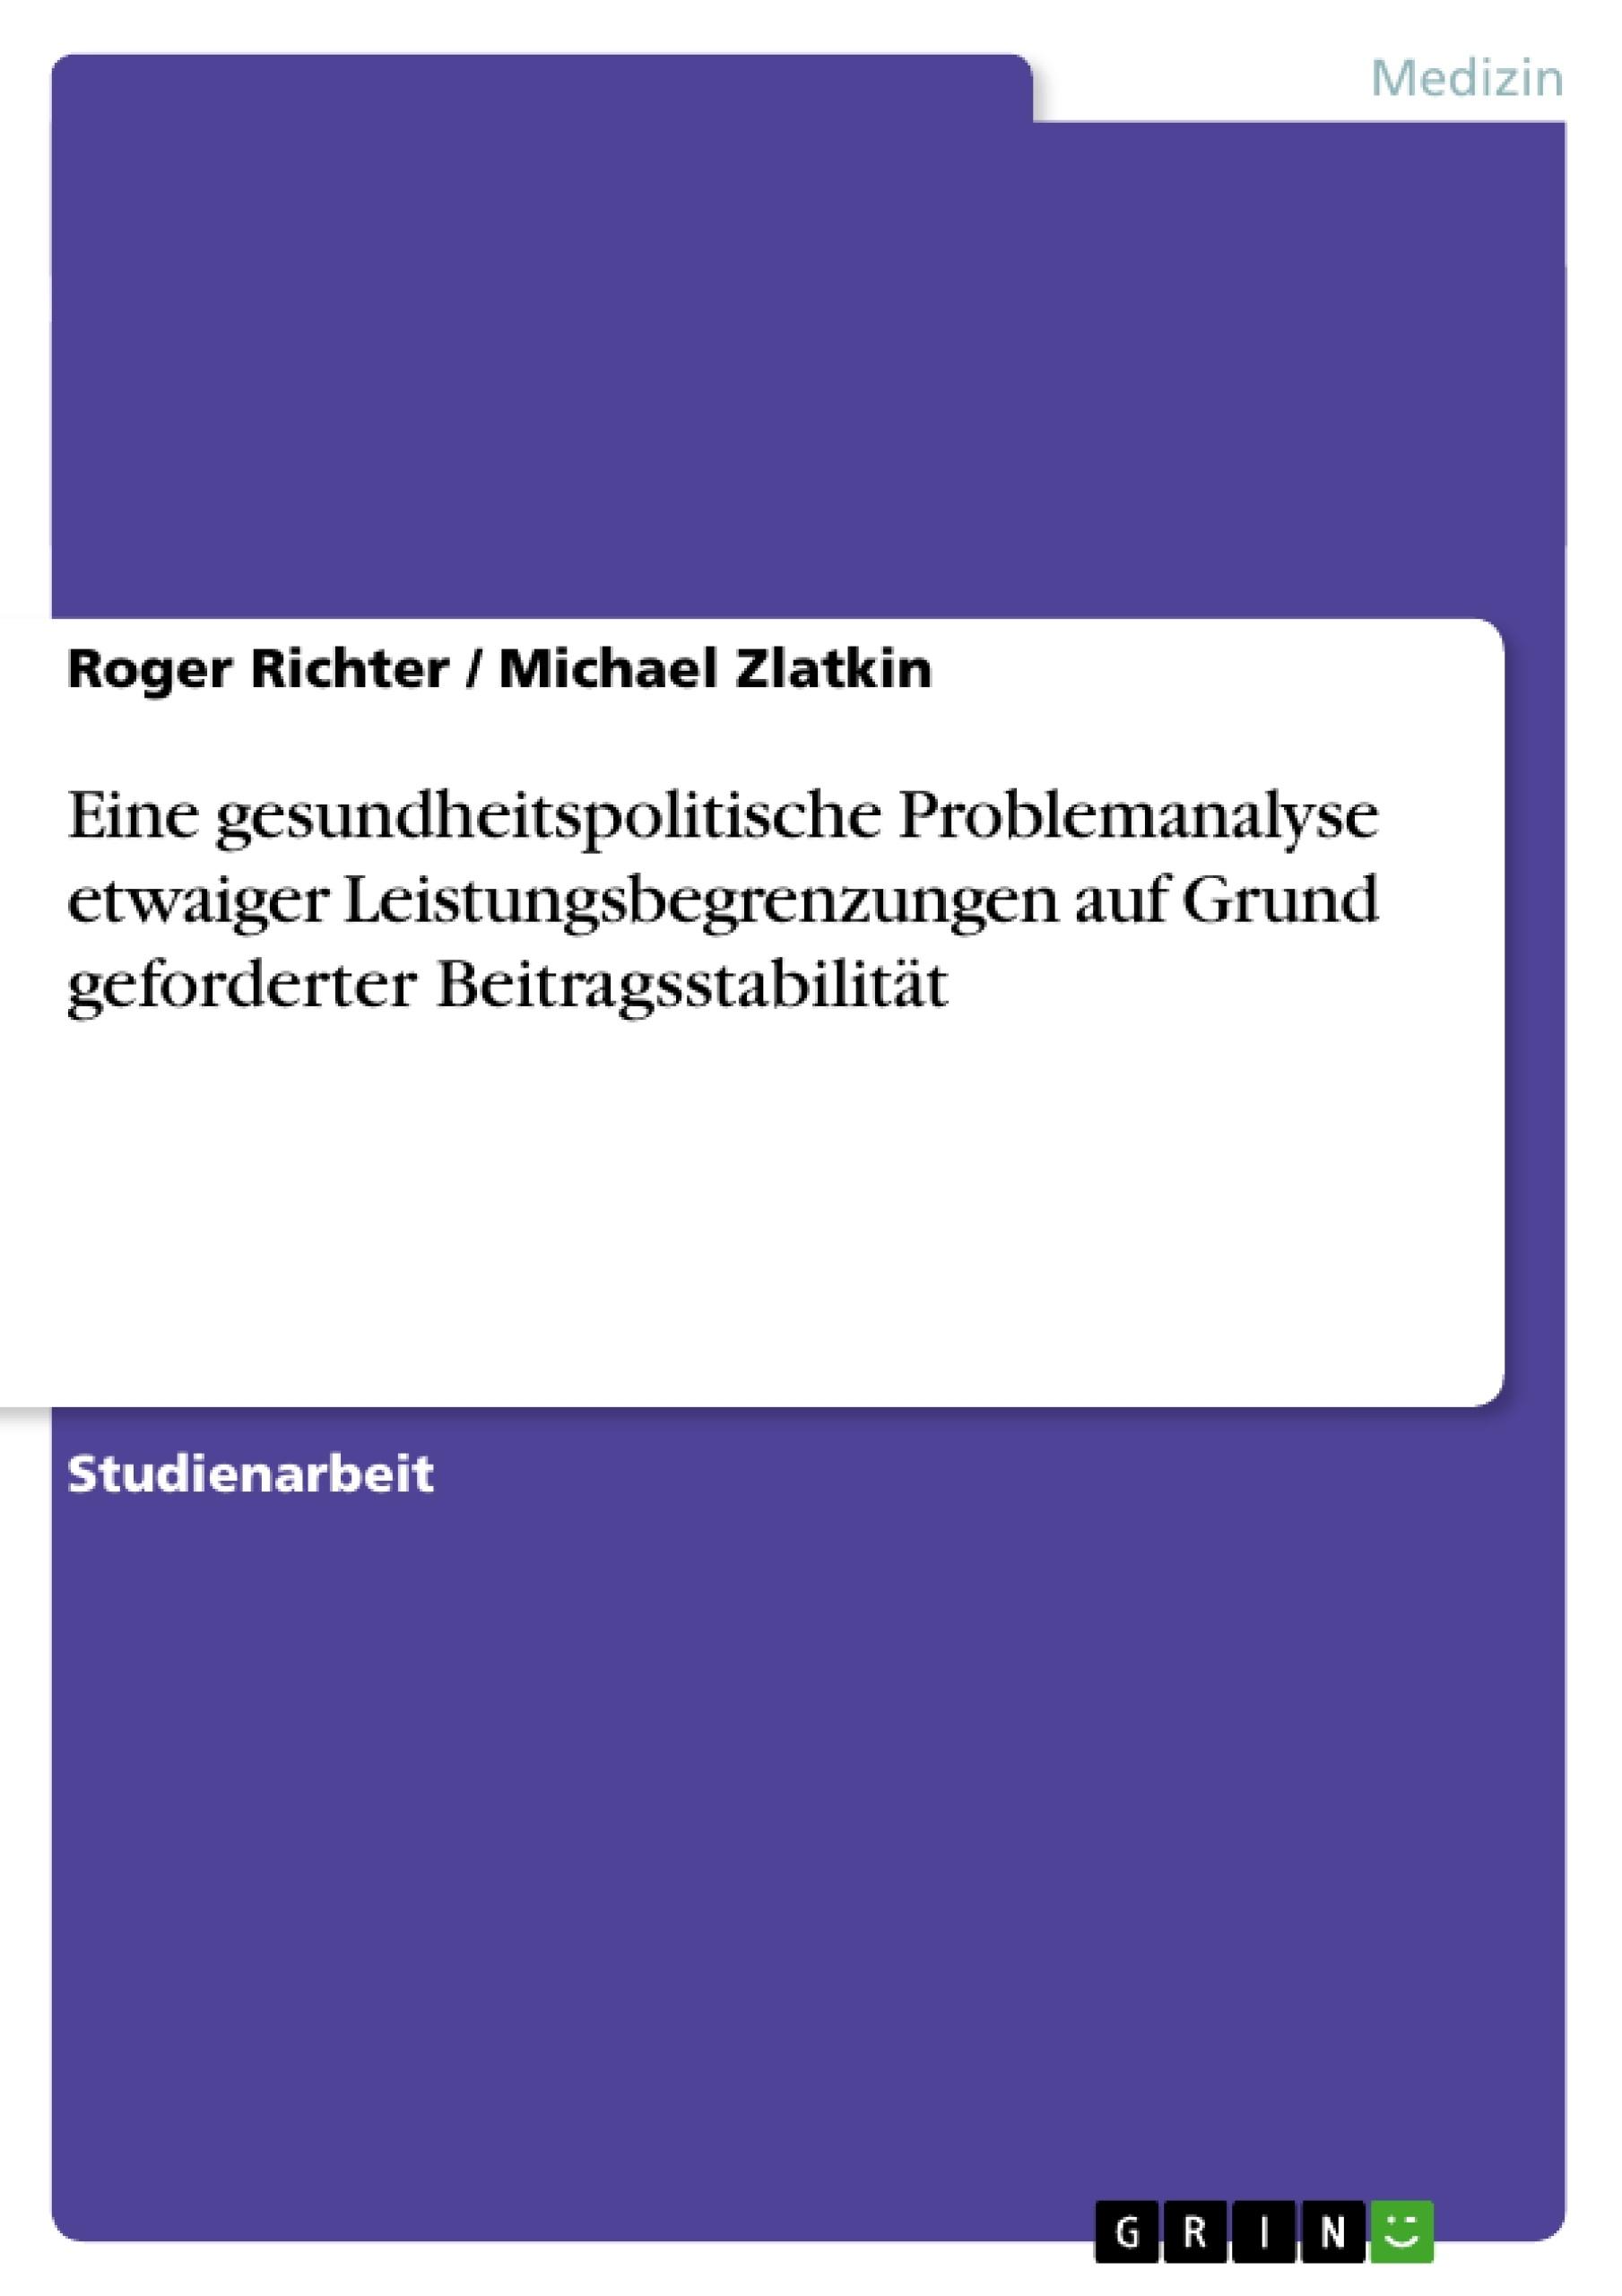 Titel: Eine gesundheitspolitische Problemanalyse etwaiger Leistungsbegrenzungen auf Grund geforderter Beitragsstabilität